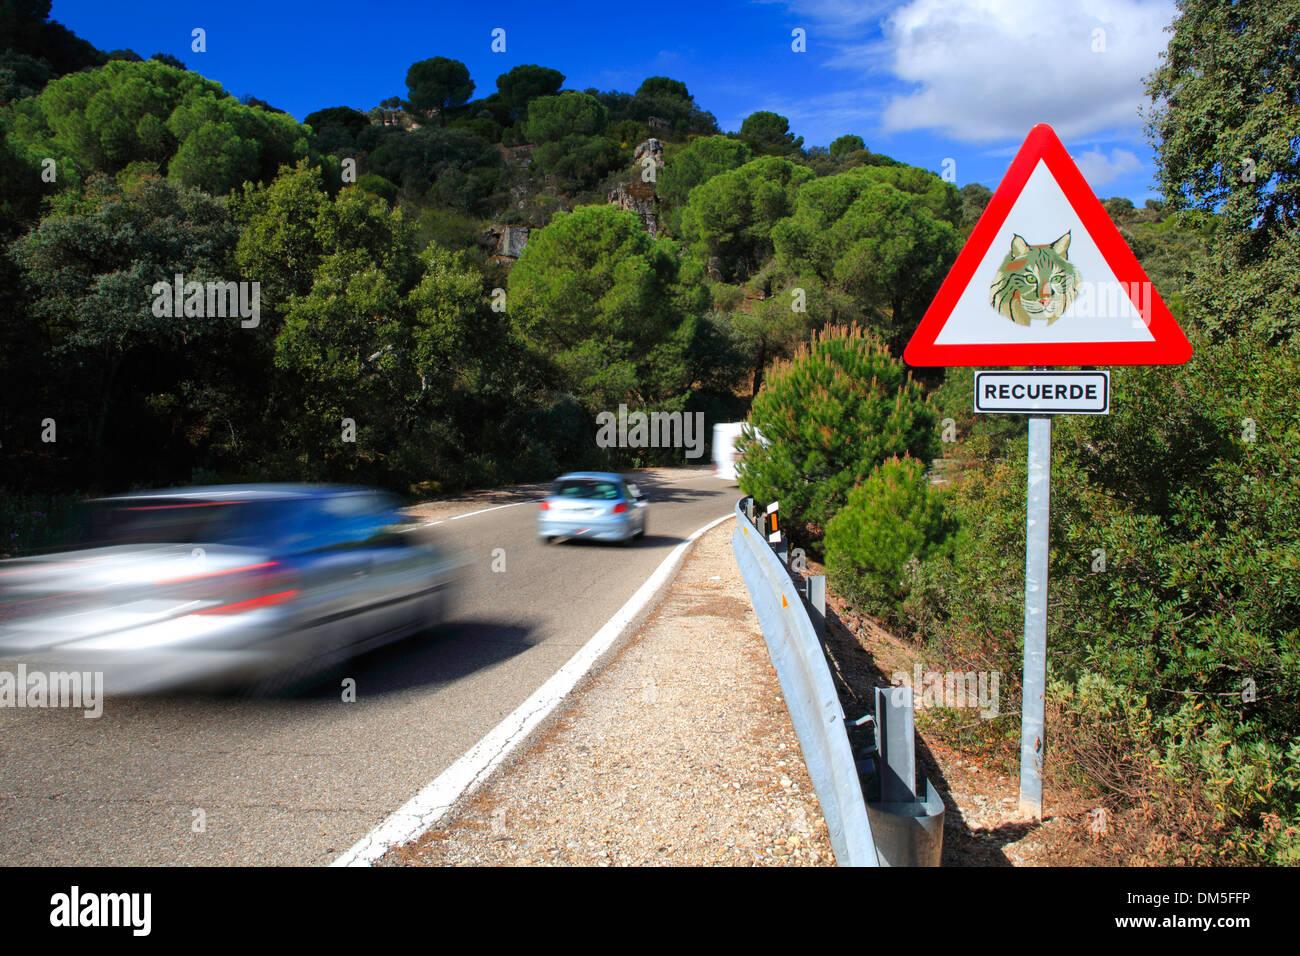 Andalucía alquiler de automóviles automóviles automóviles visitantes peligro amenaza presteza velocidad Parque Sierra de Anduar protectora provincia de Jaén Imagen De Stock